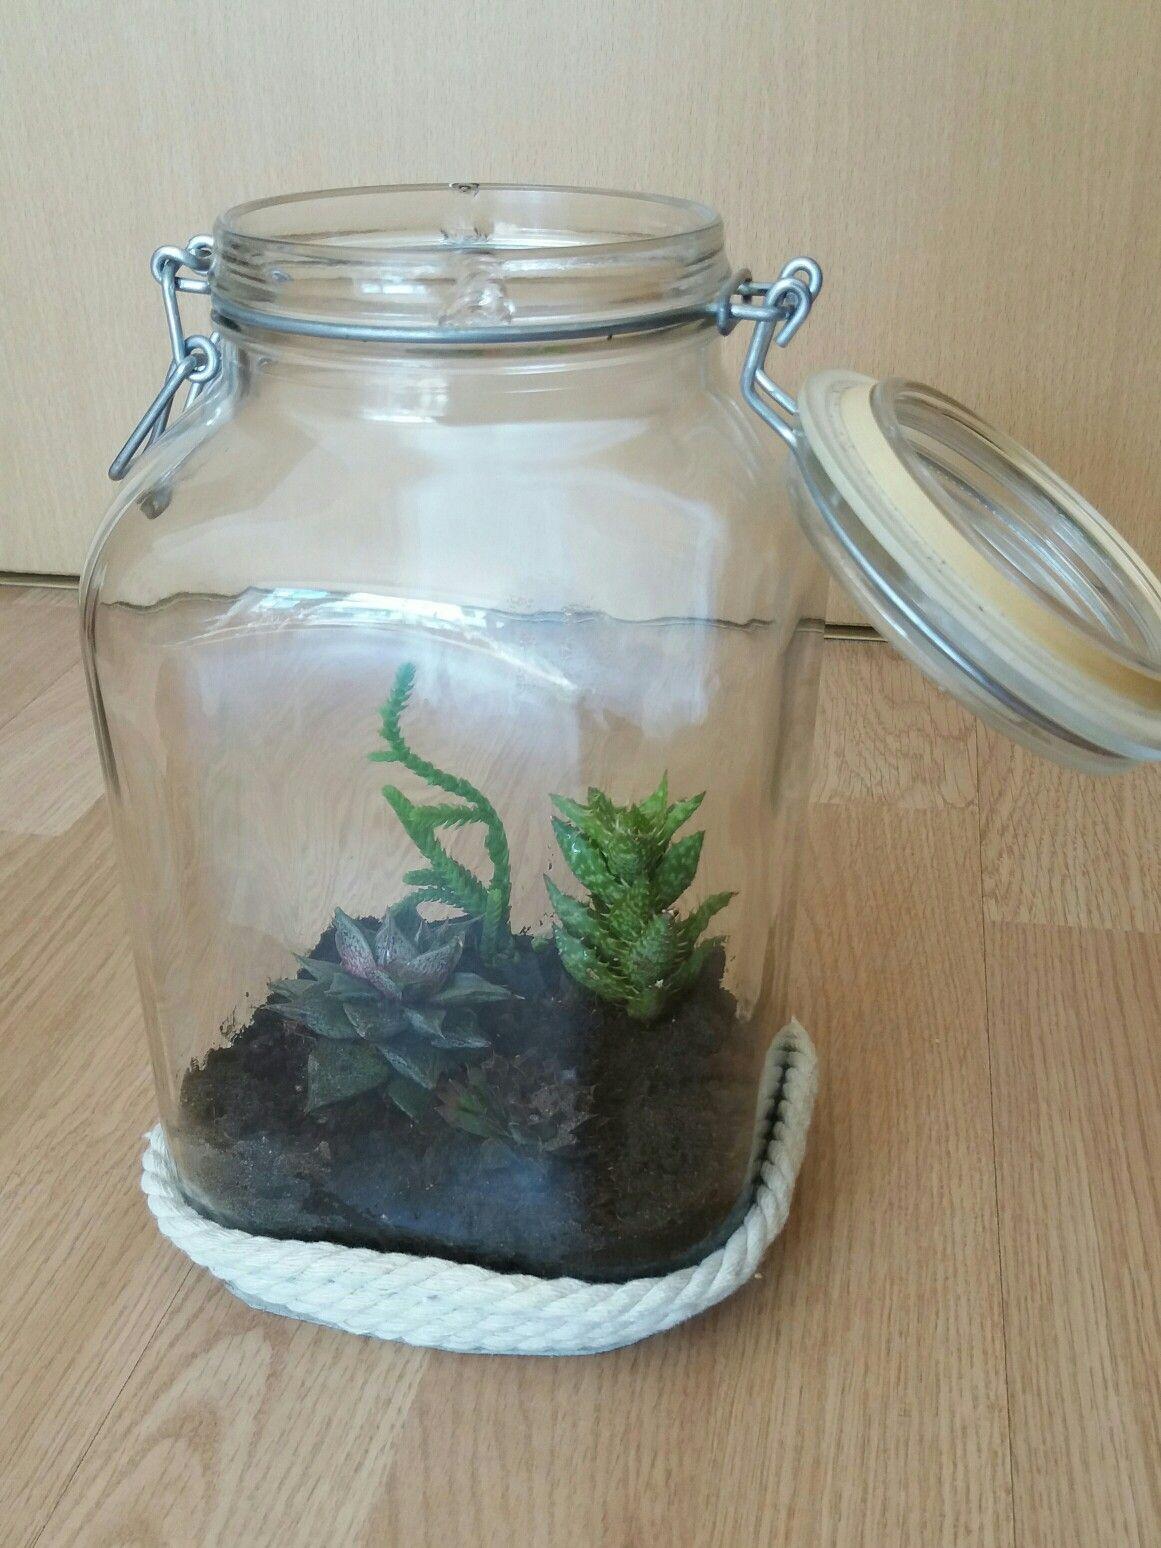 ein glas mit sukkulenten bepflanzt (man kann auch andere pflanzen